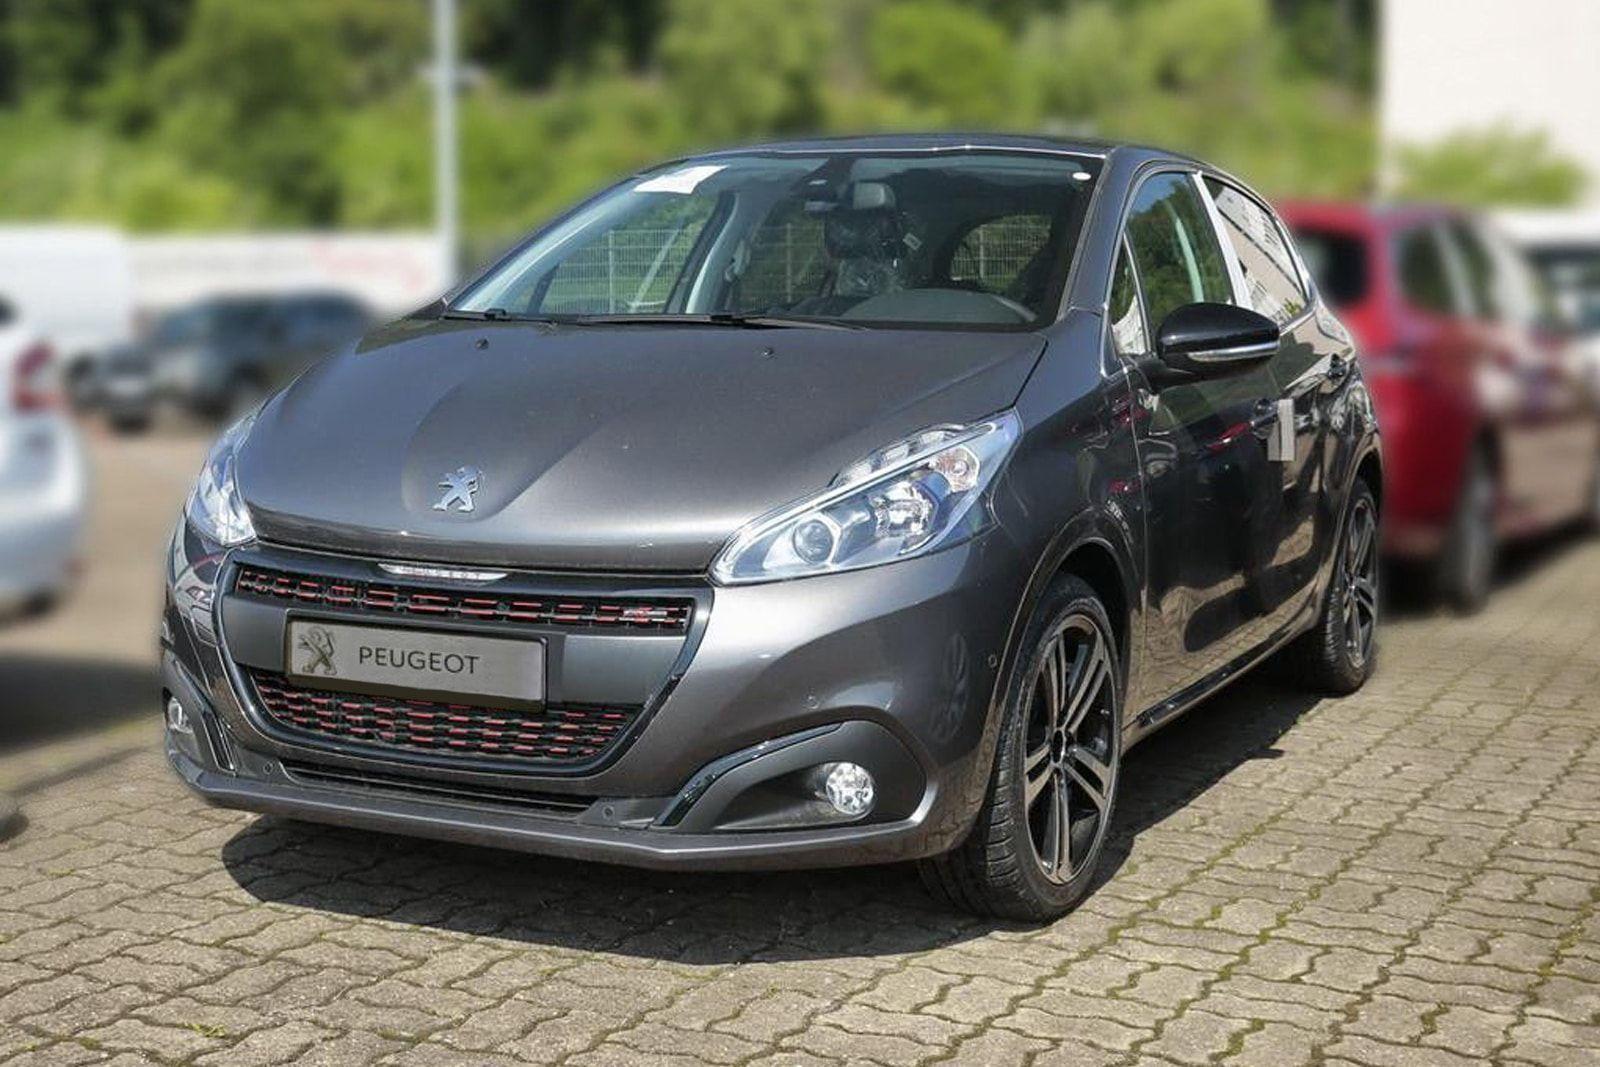 208 Gt Line Faut Il L Acheter Cette Peugeot